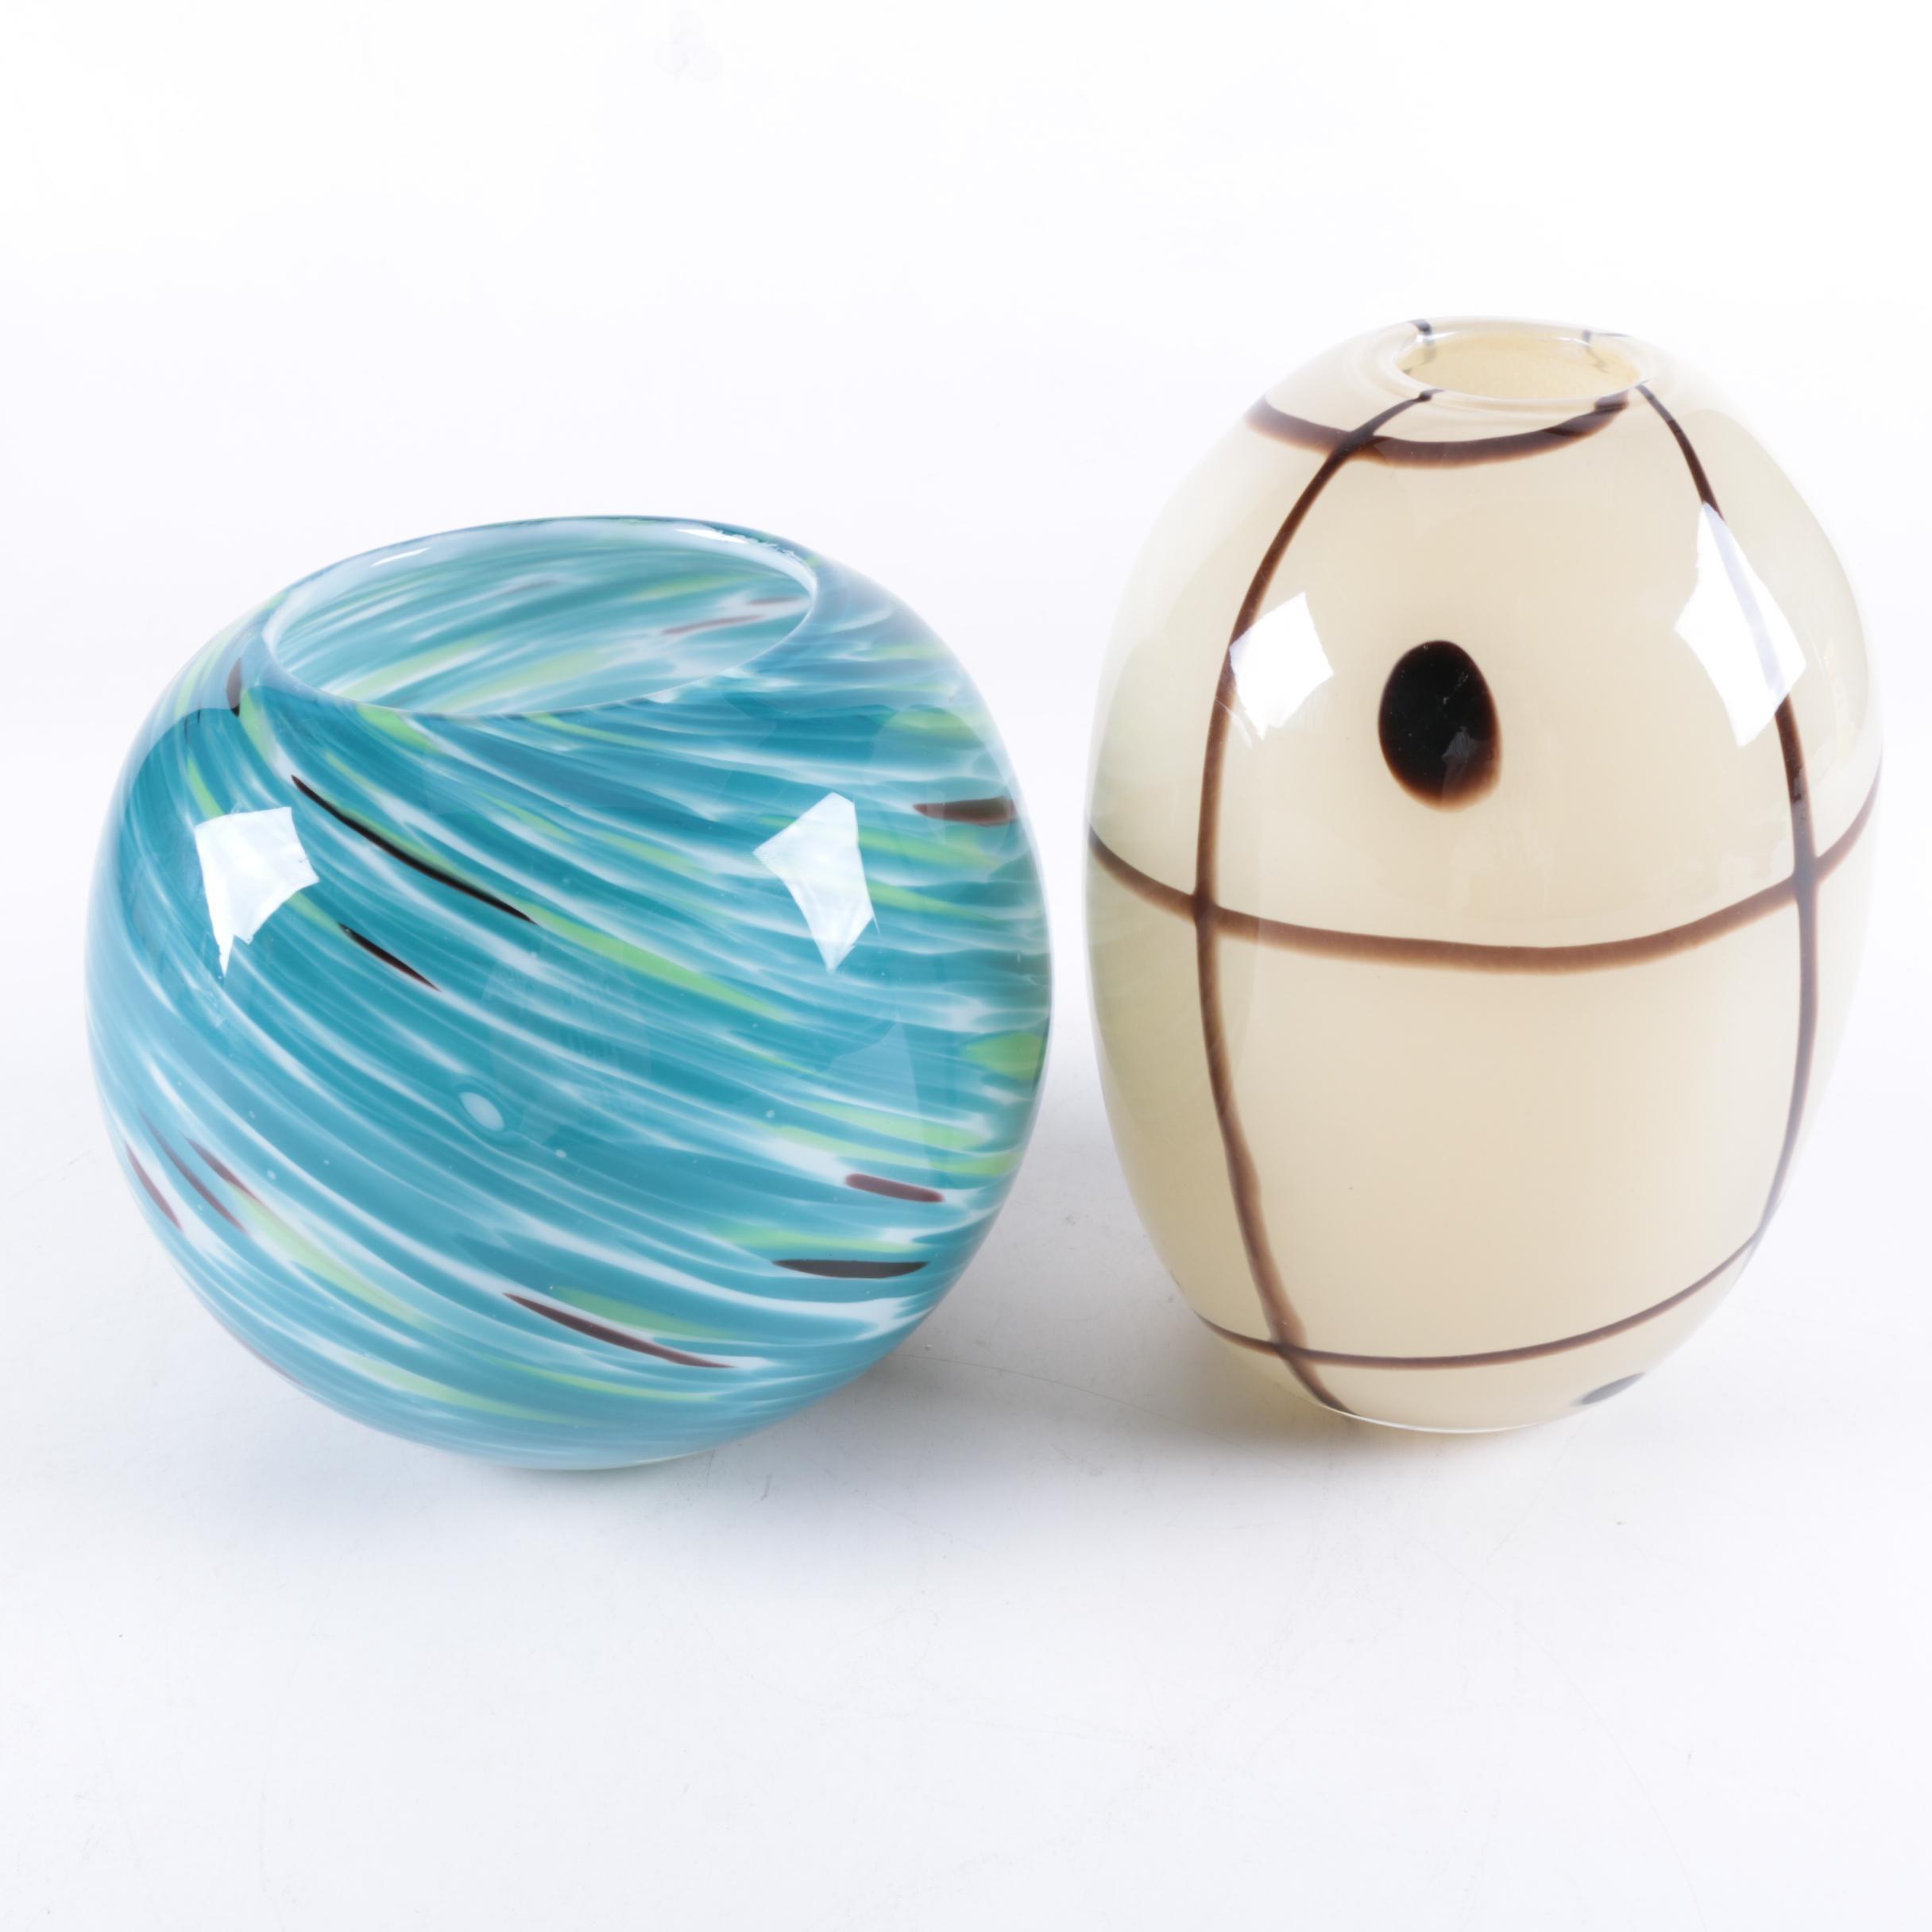 Pair of Handmade Art Glass Vases